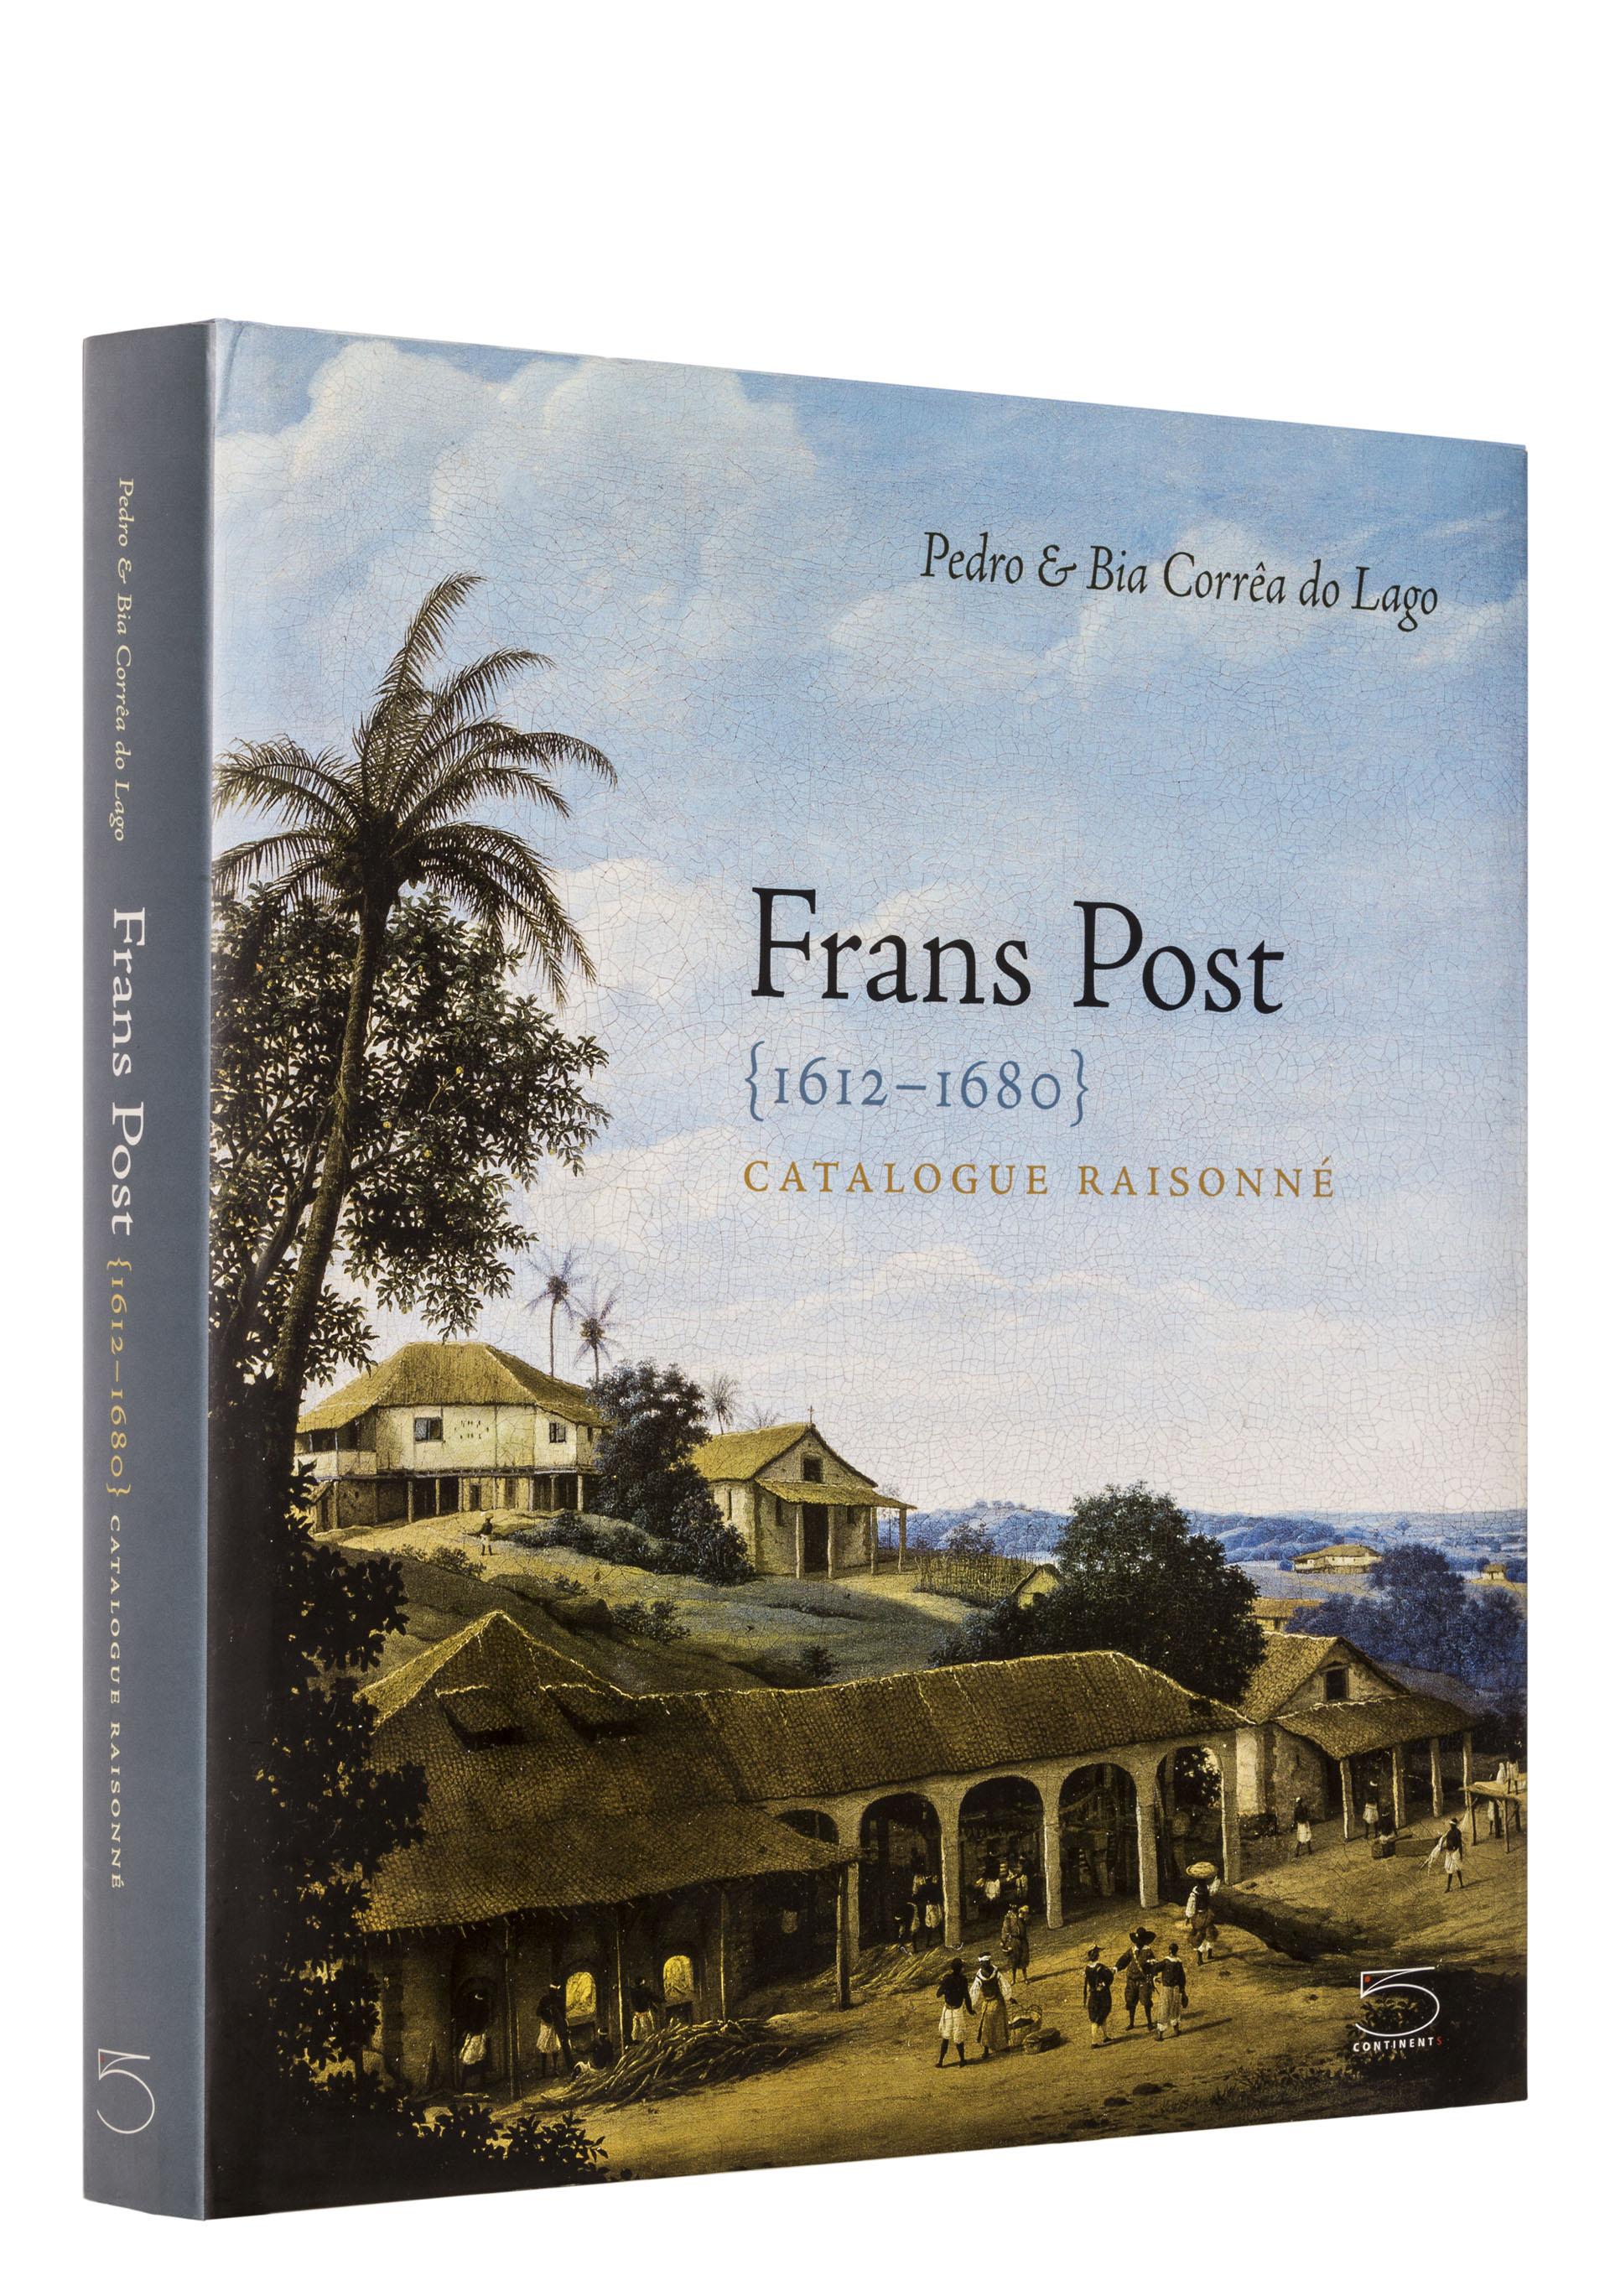 Frans Post 1612-1680